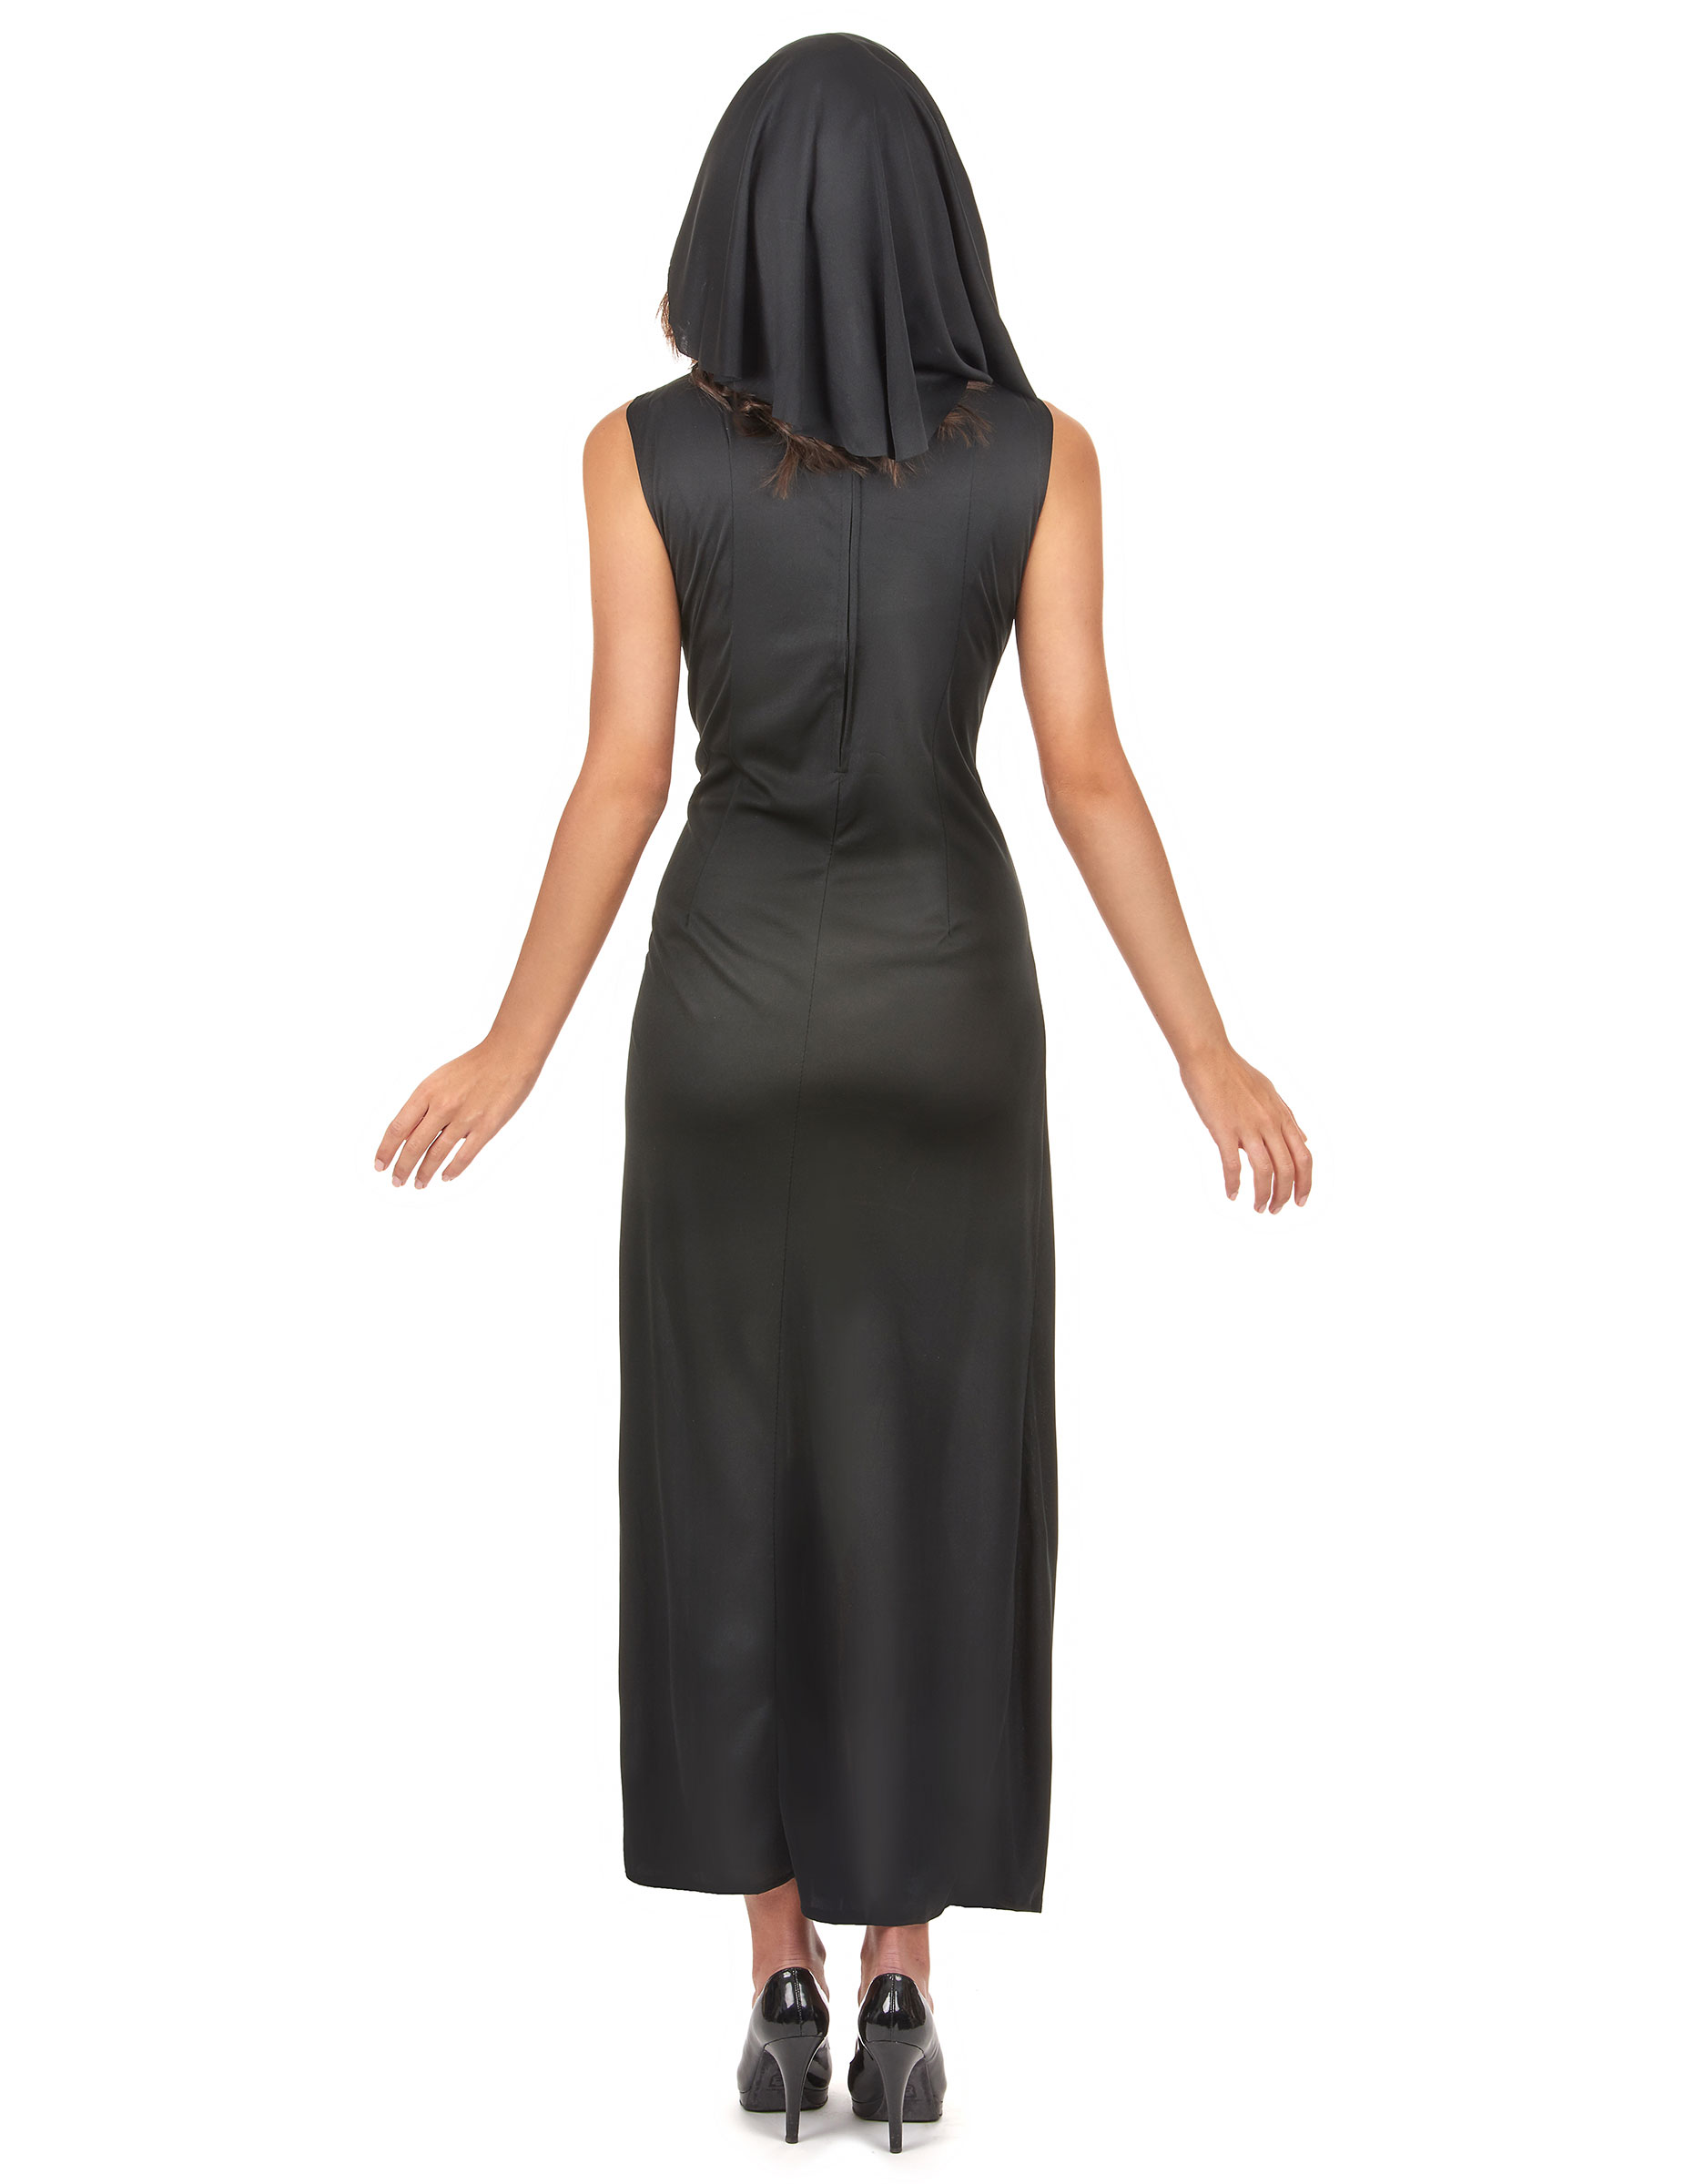 Costume sexy da suora donna su VegaooParty ad3ea4ceee08